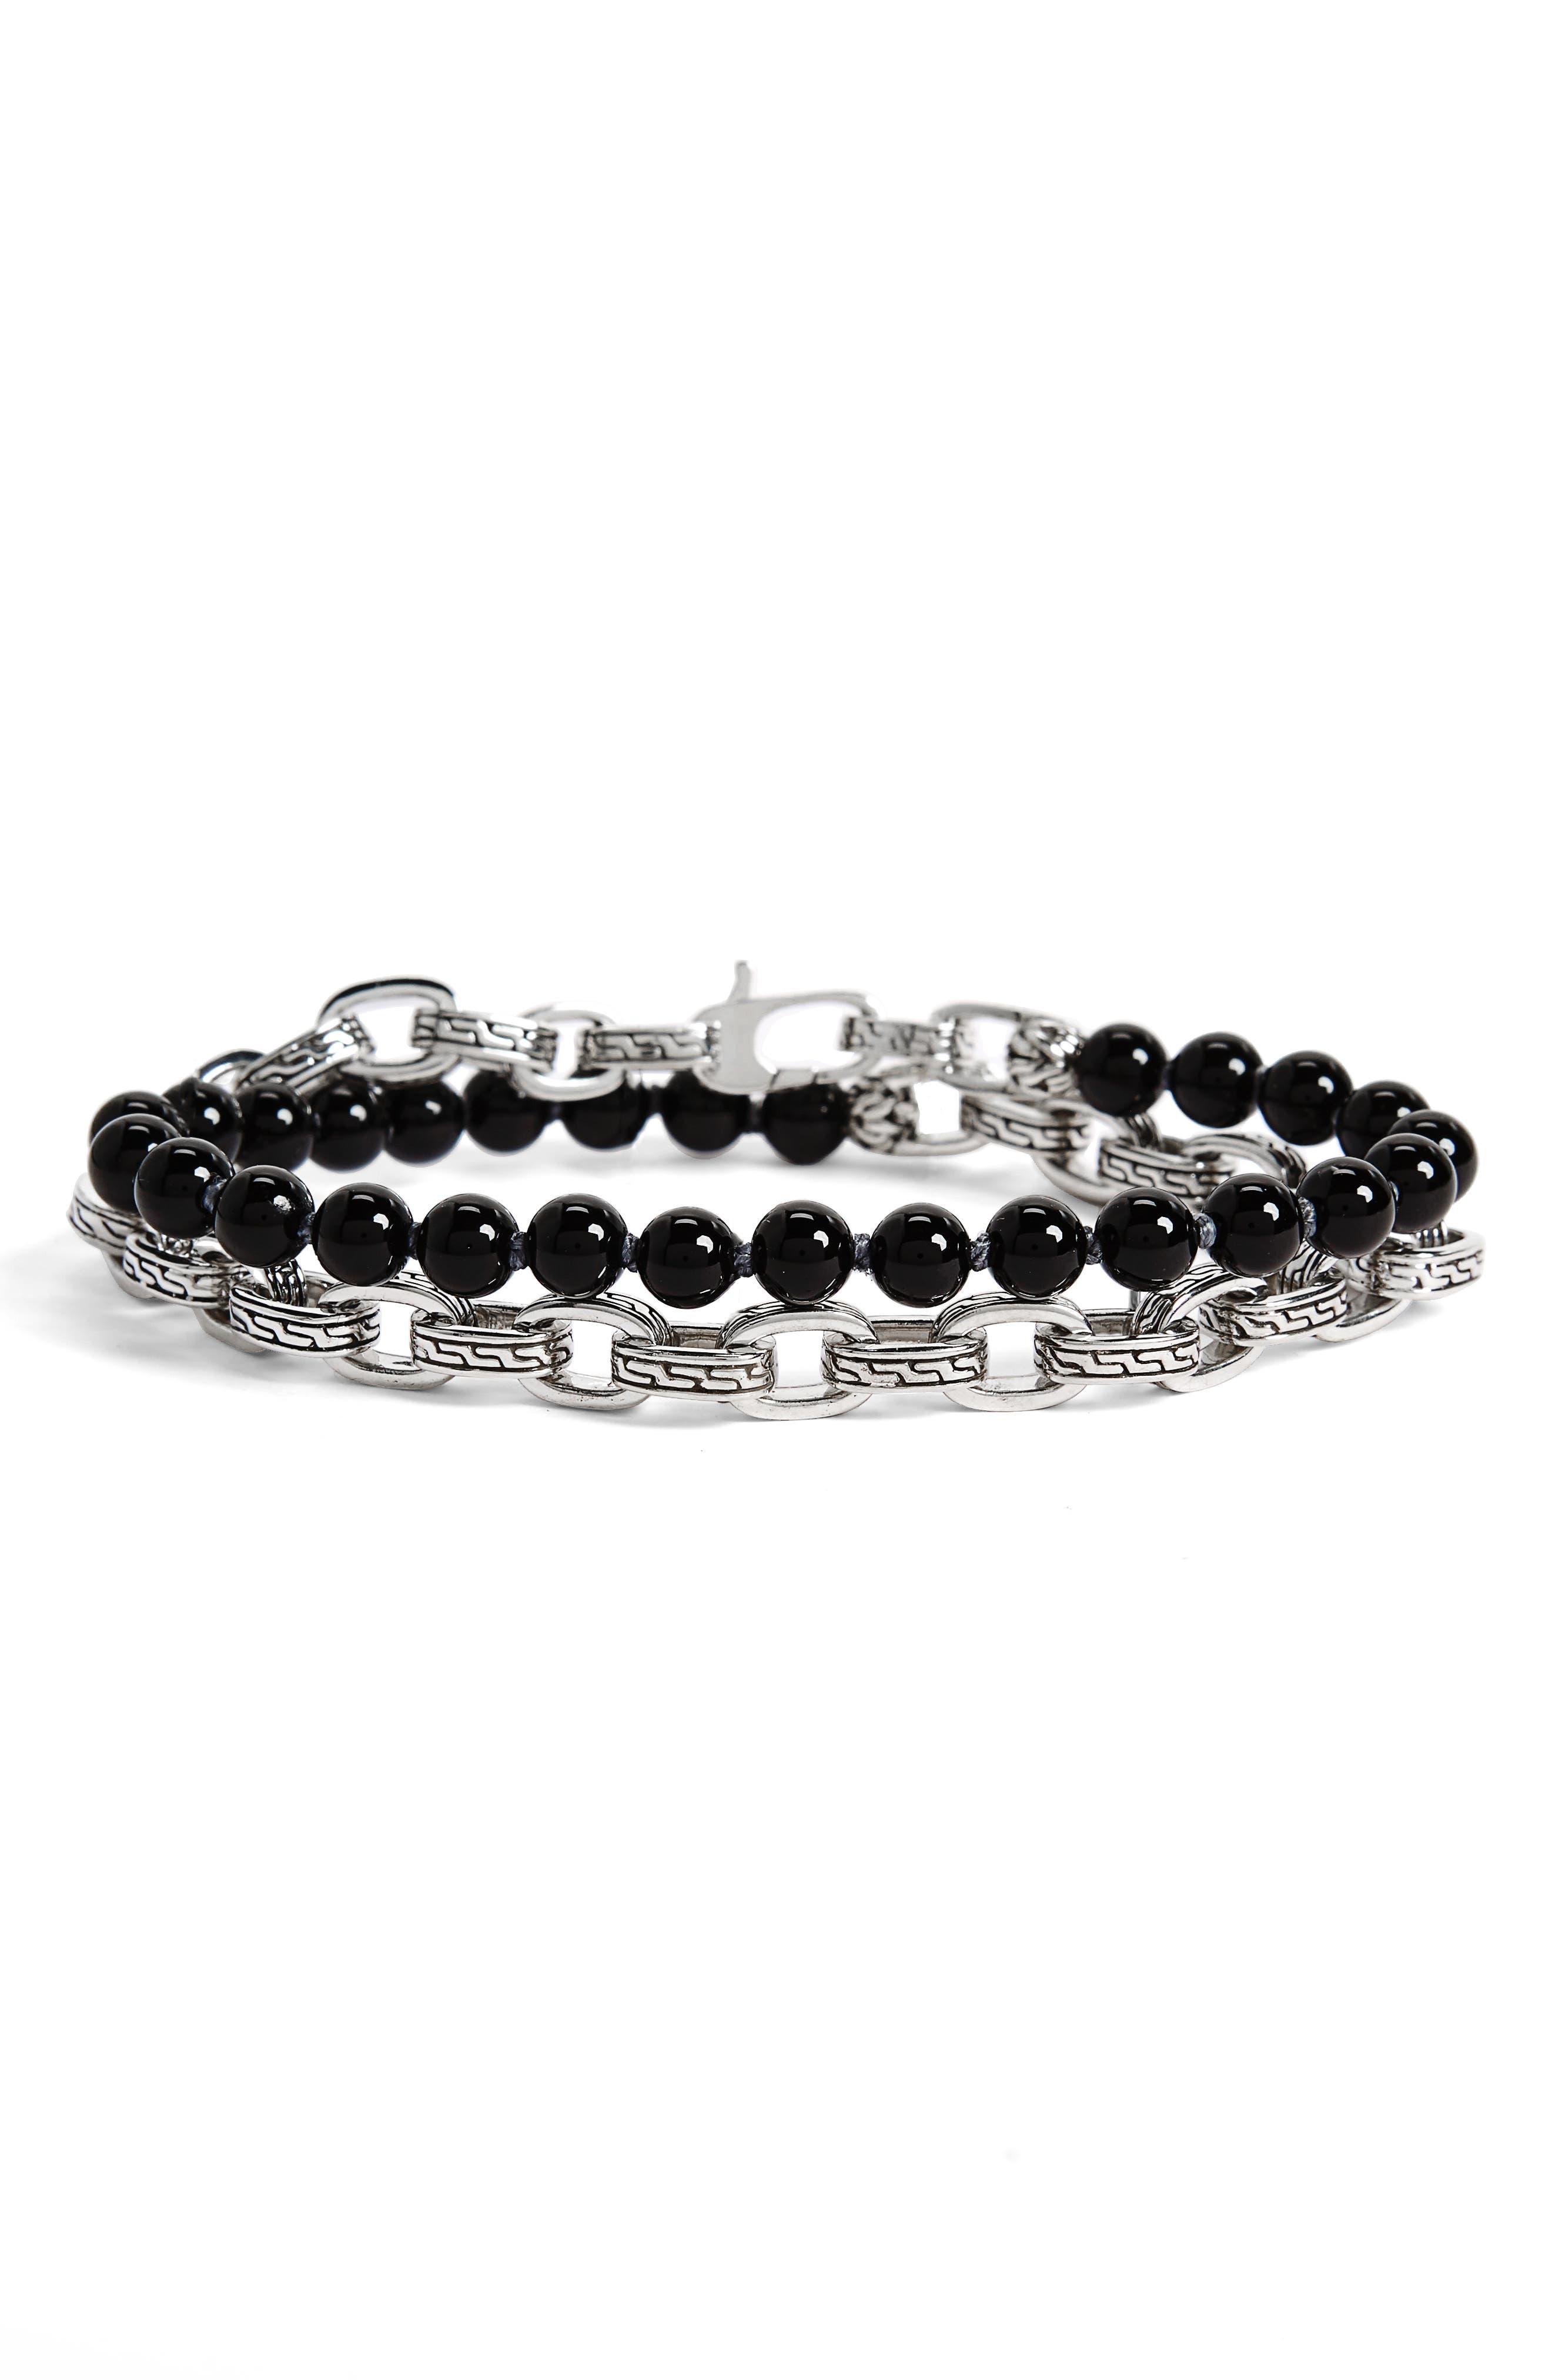 Classic Chain Black Onyx Double Wrap Bracelet,                             Main thumbnail 1, color,                             001